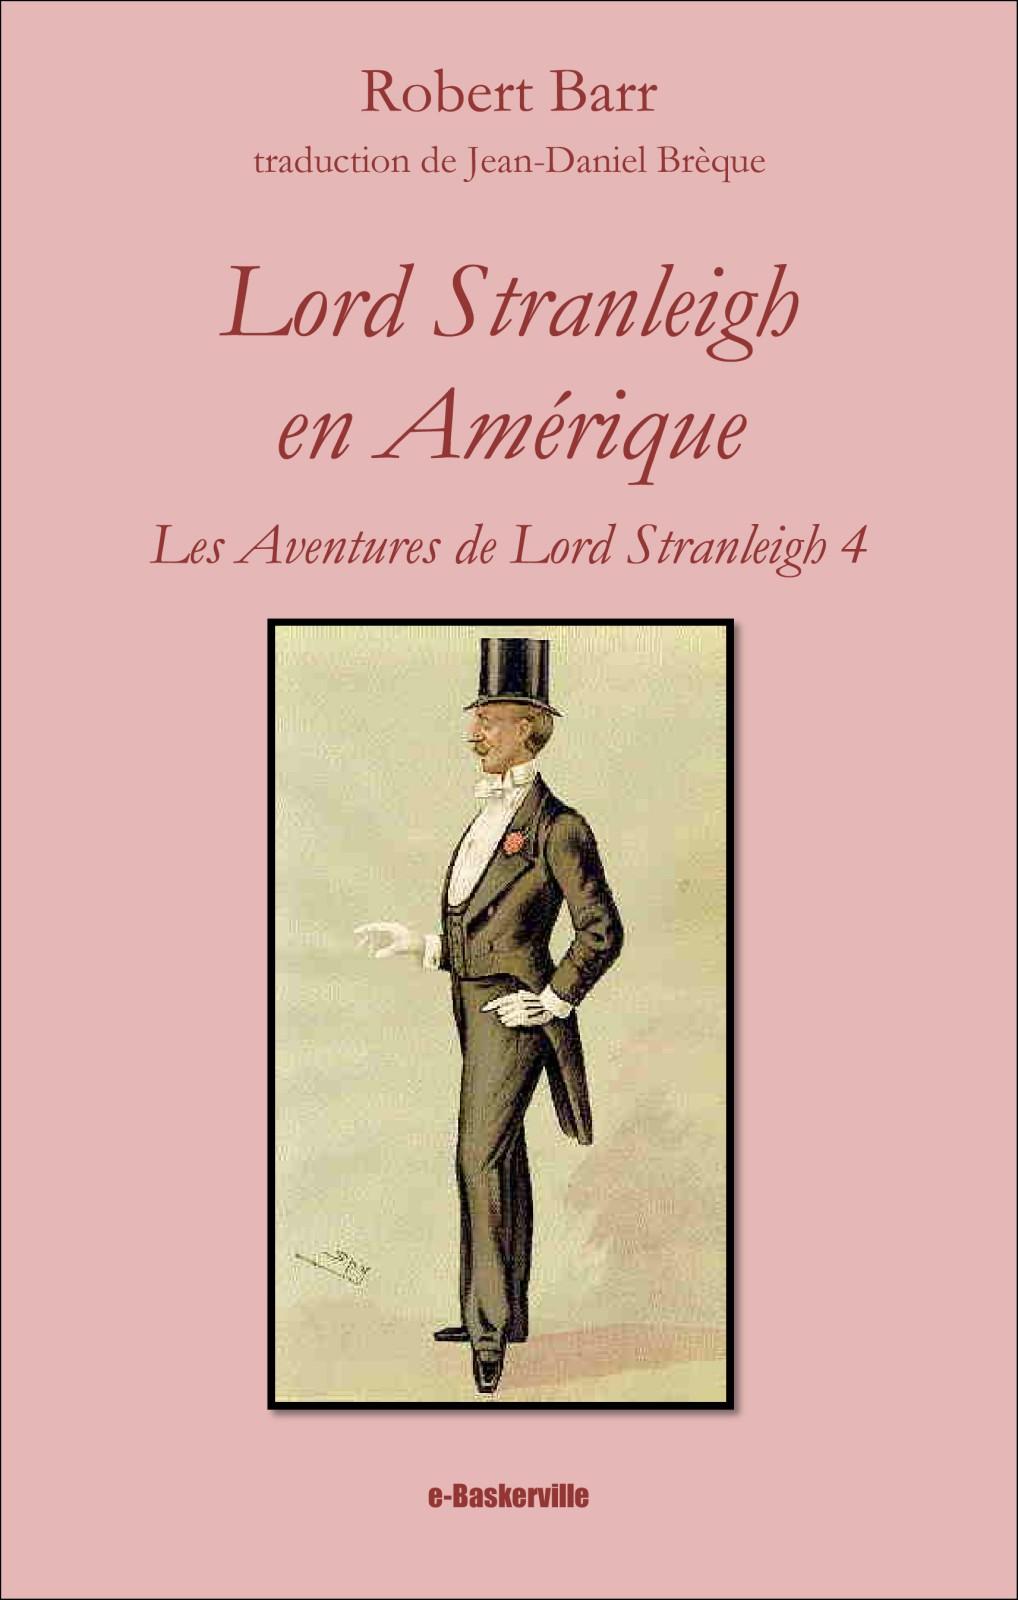 Lord Stranleigh en Amérique (les aventures de Lord Stranleigh, 4)